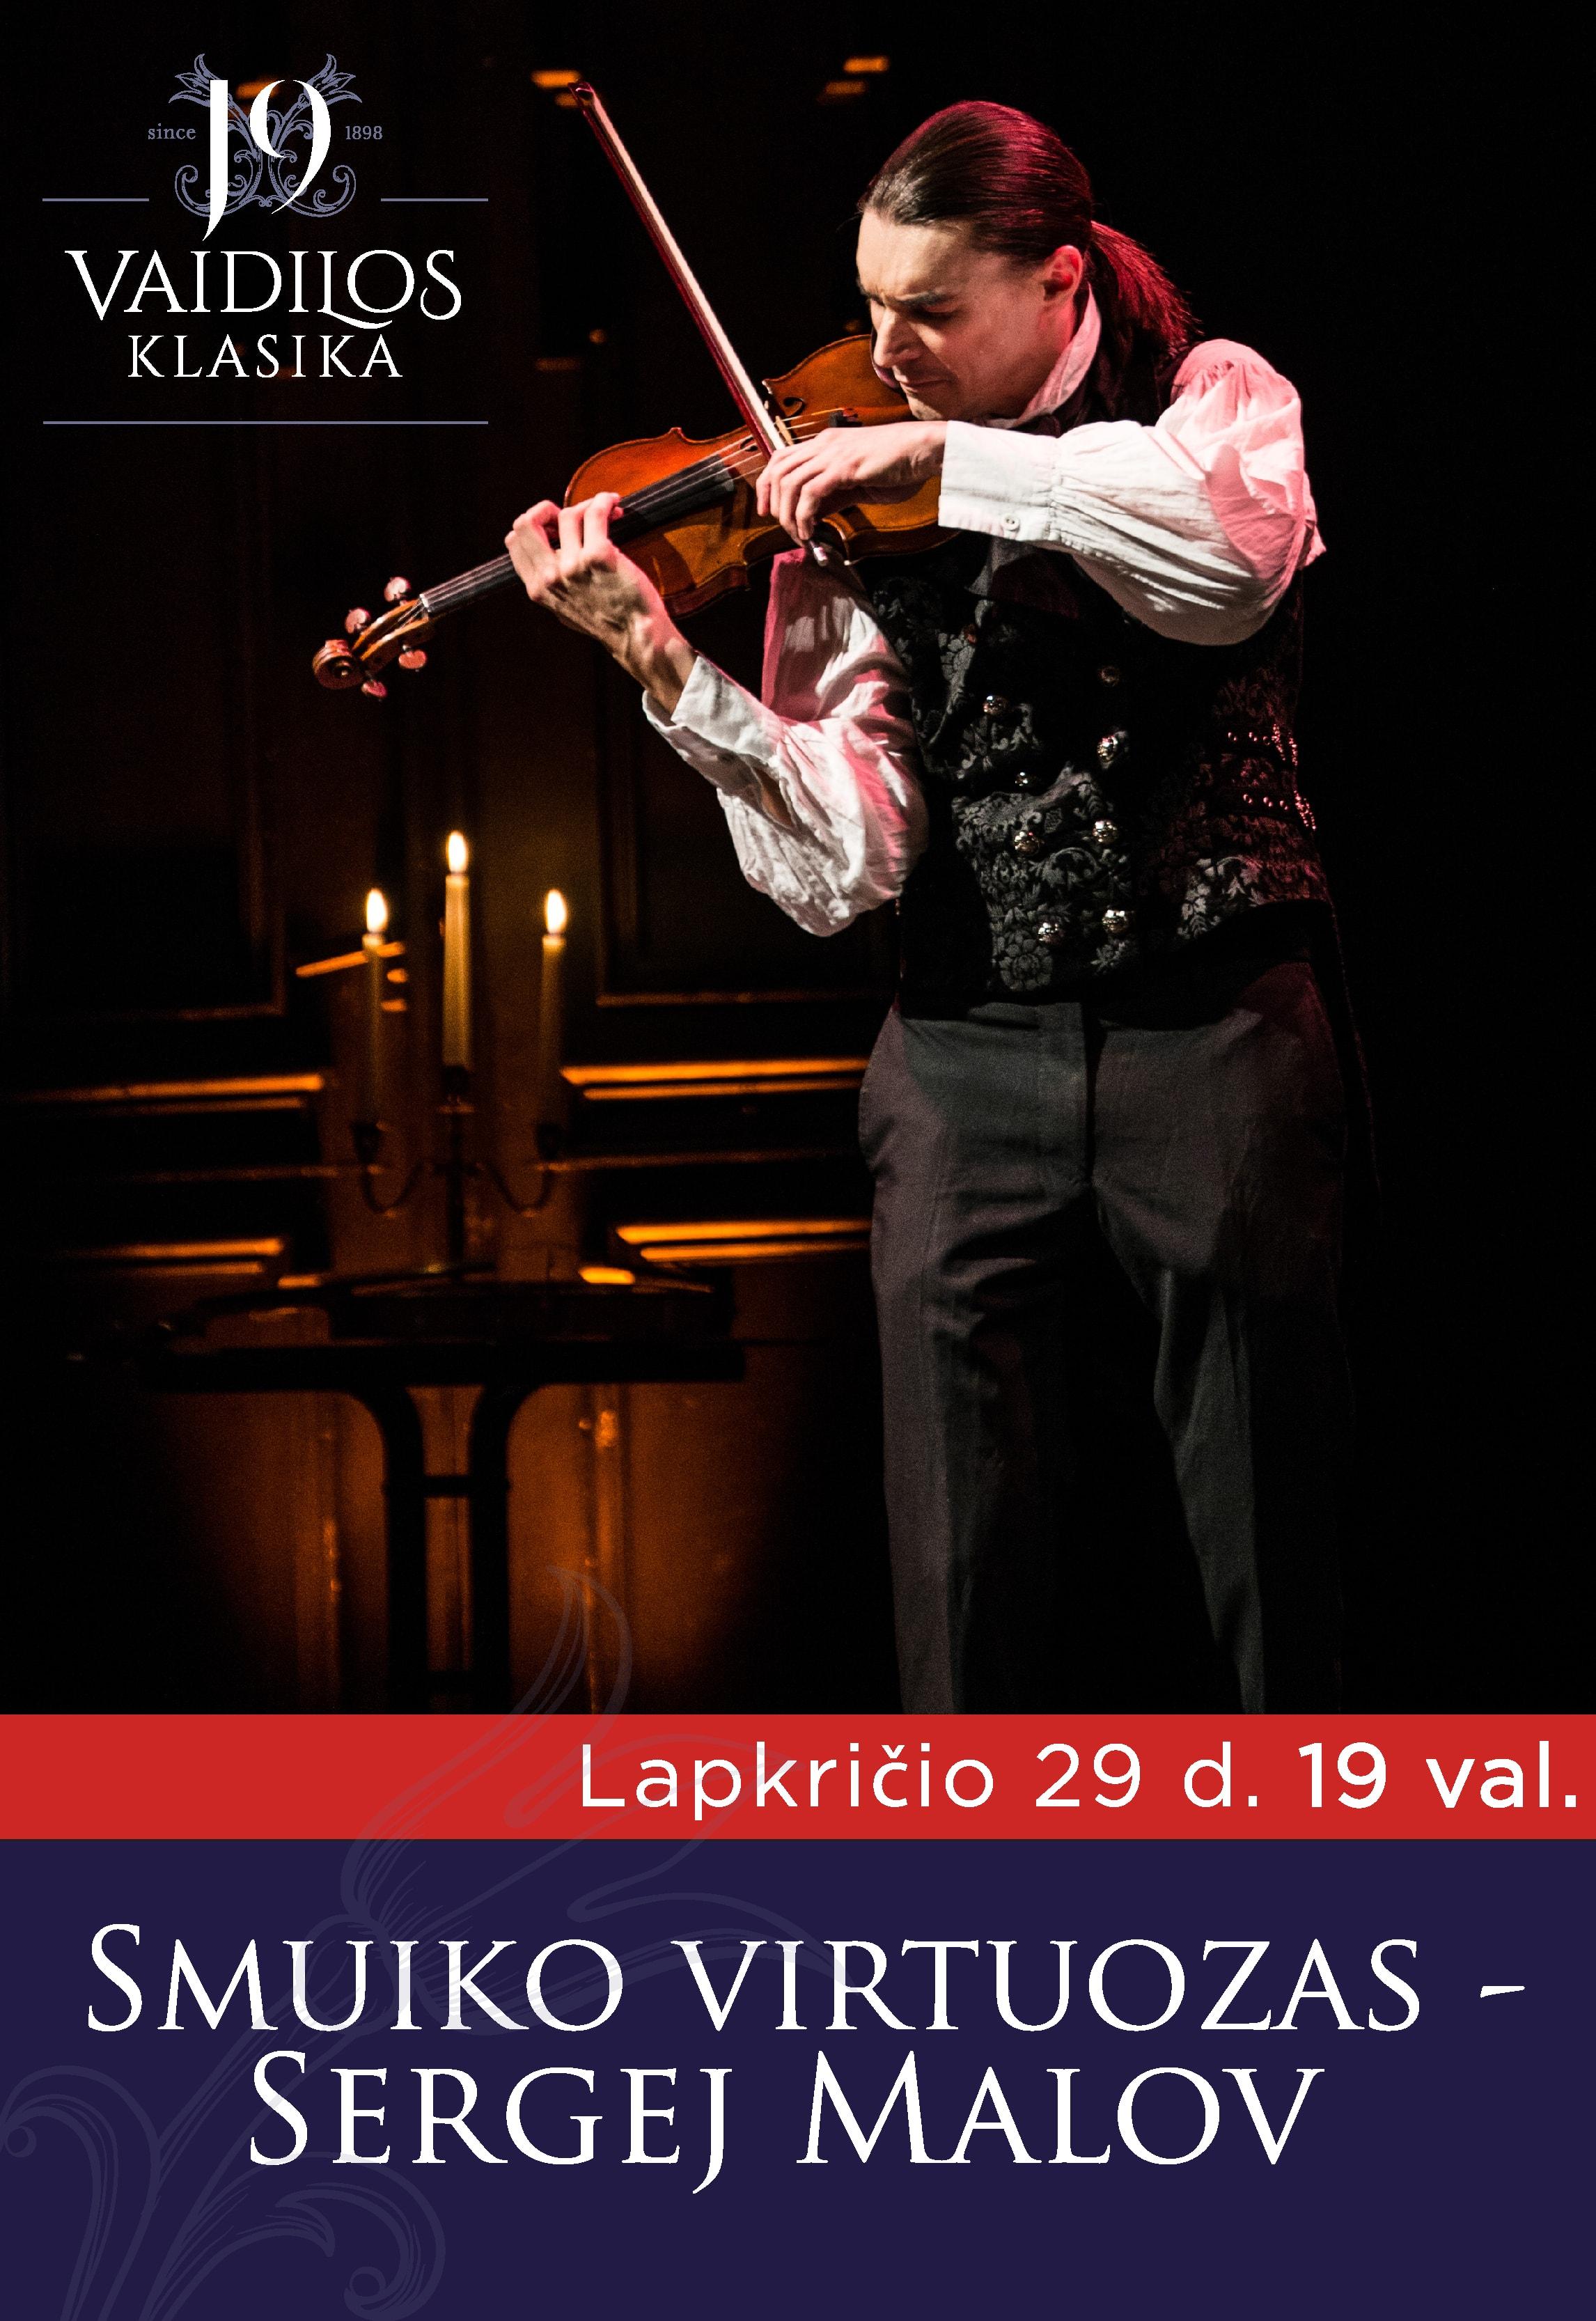 Smuiko virtuozas Sergej Malov